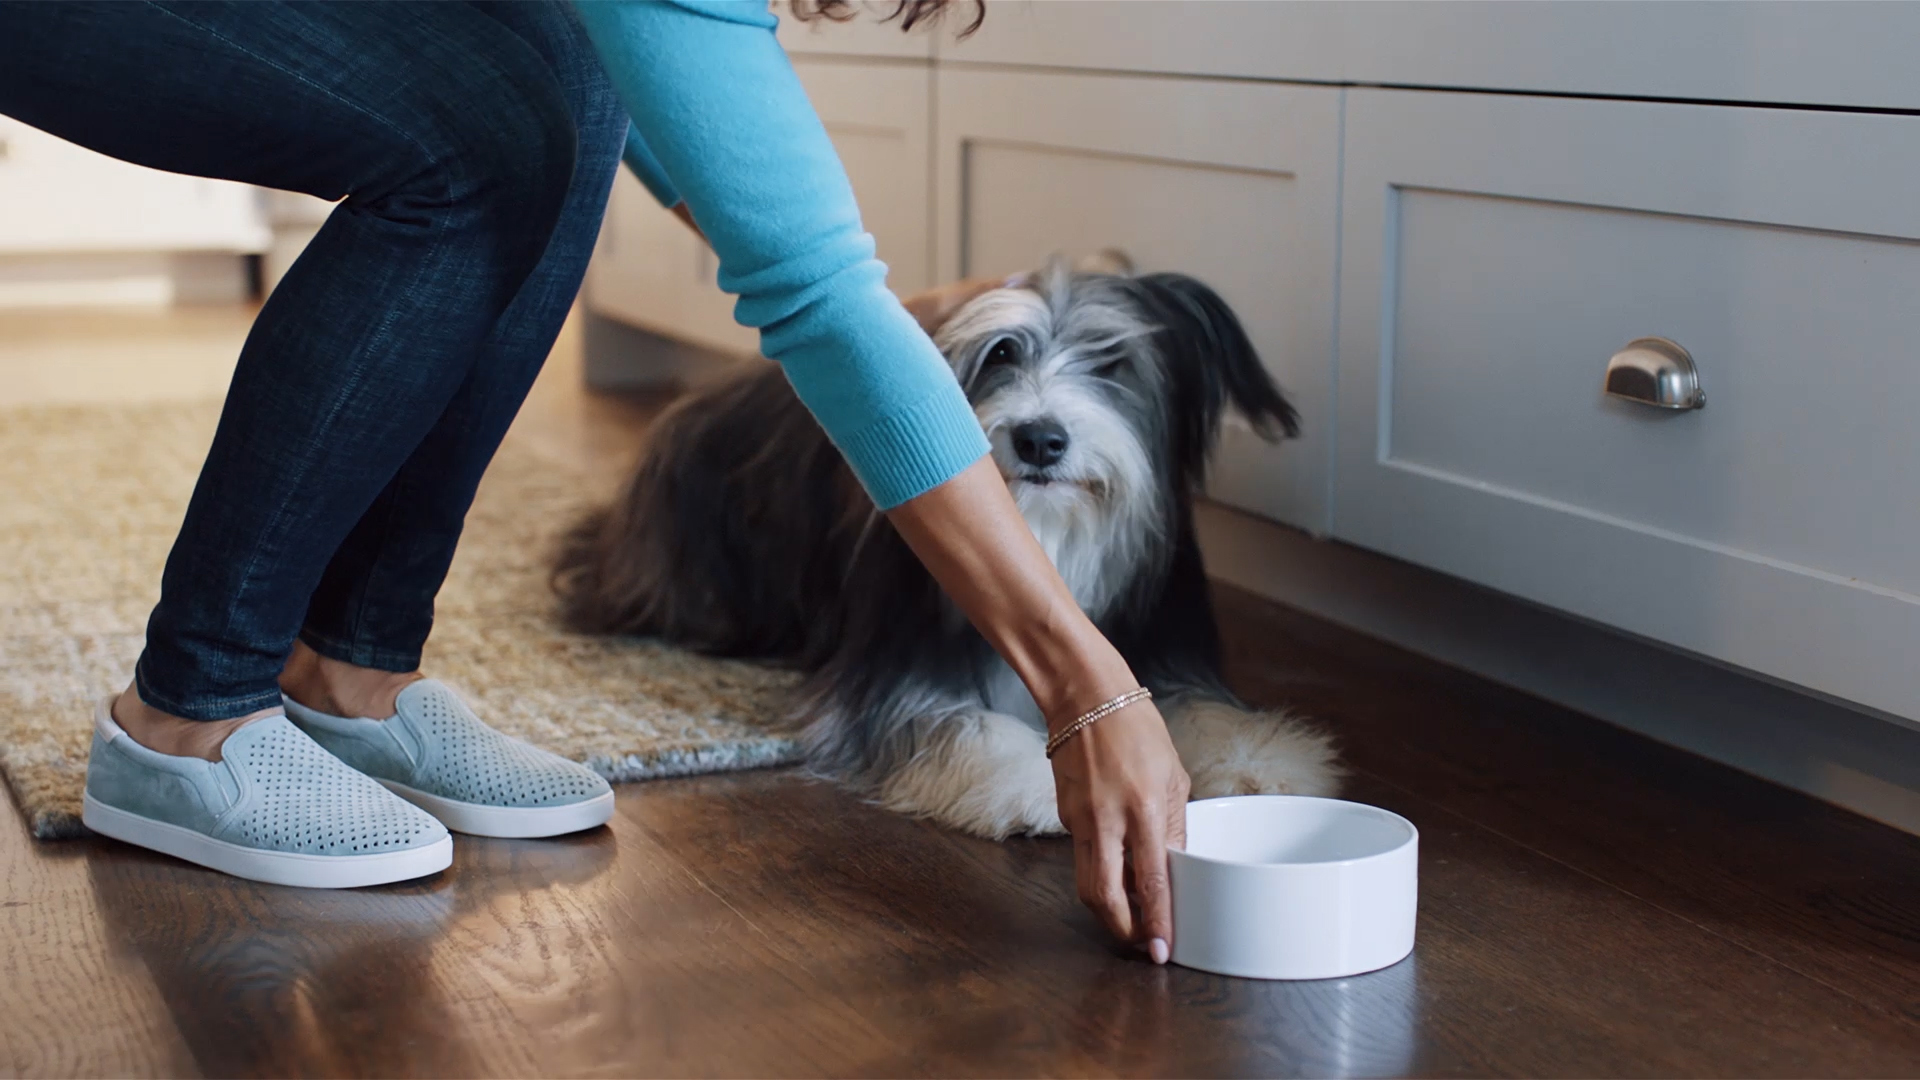 Woman picking up ceramic pet food bowl.